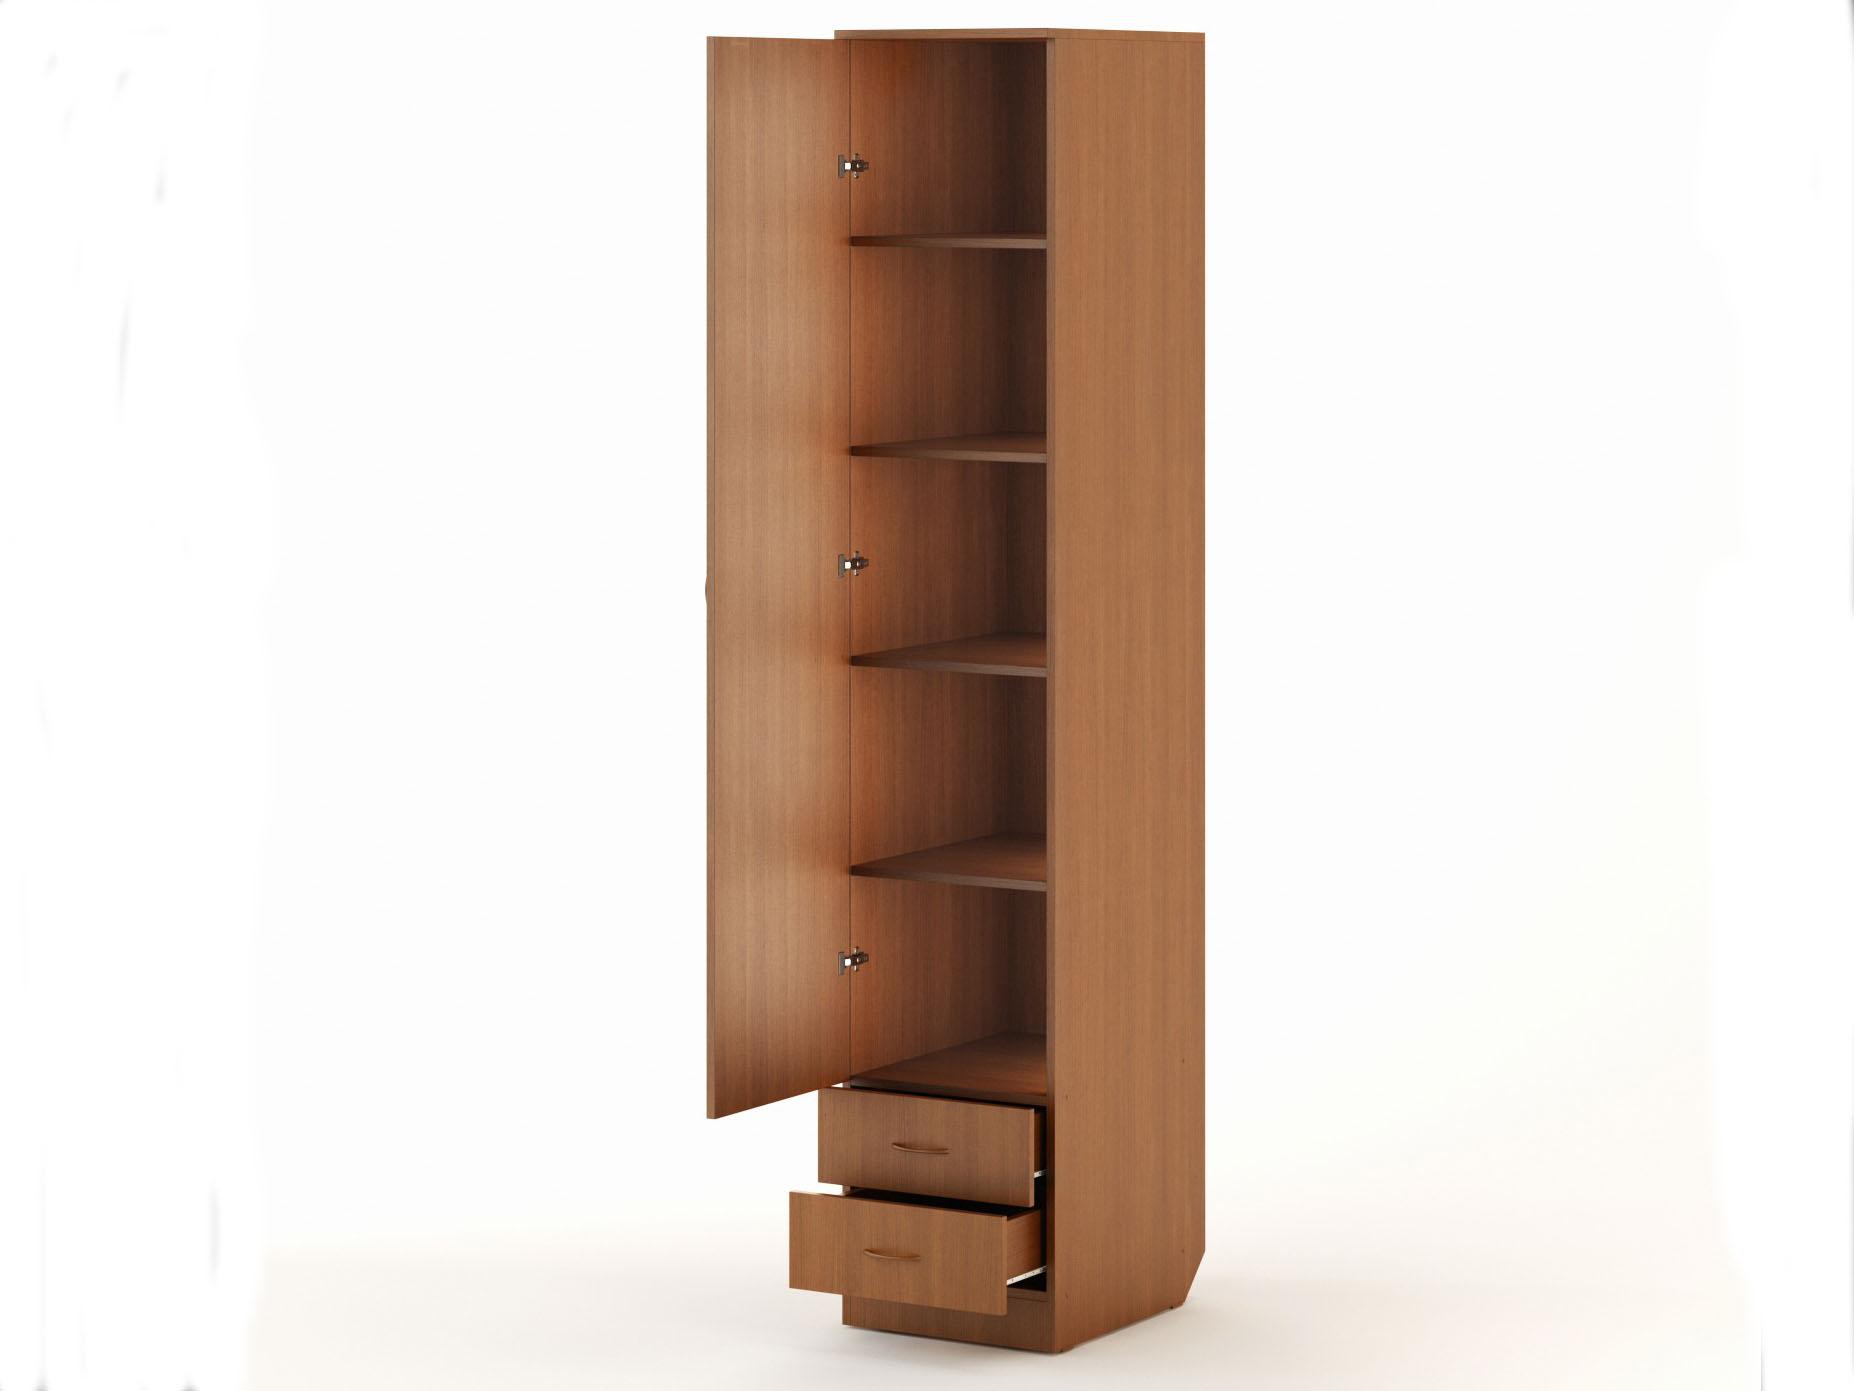 Шкаф пенал с полками, особенности, советы по выбору и размещ.